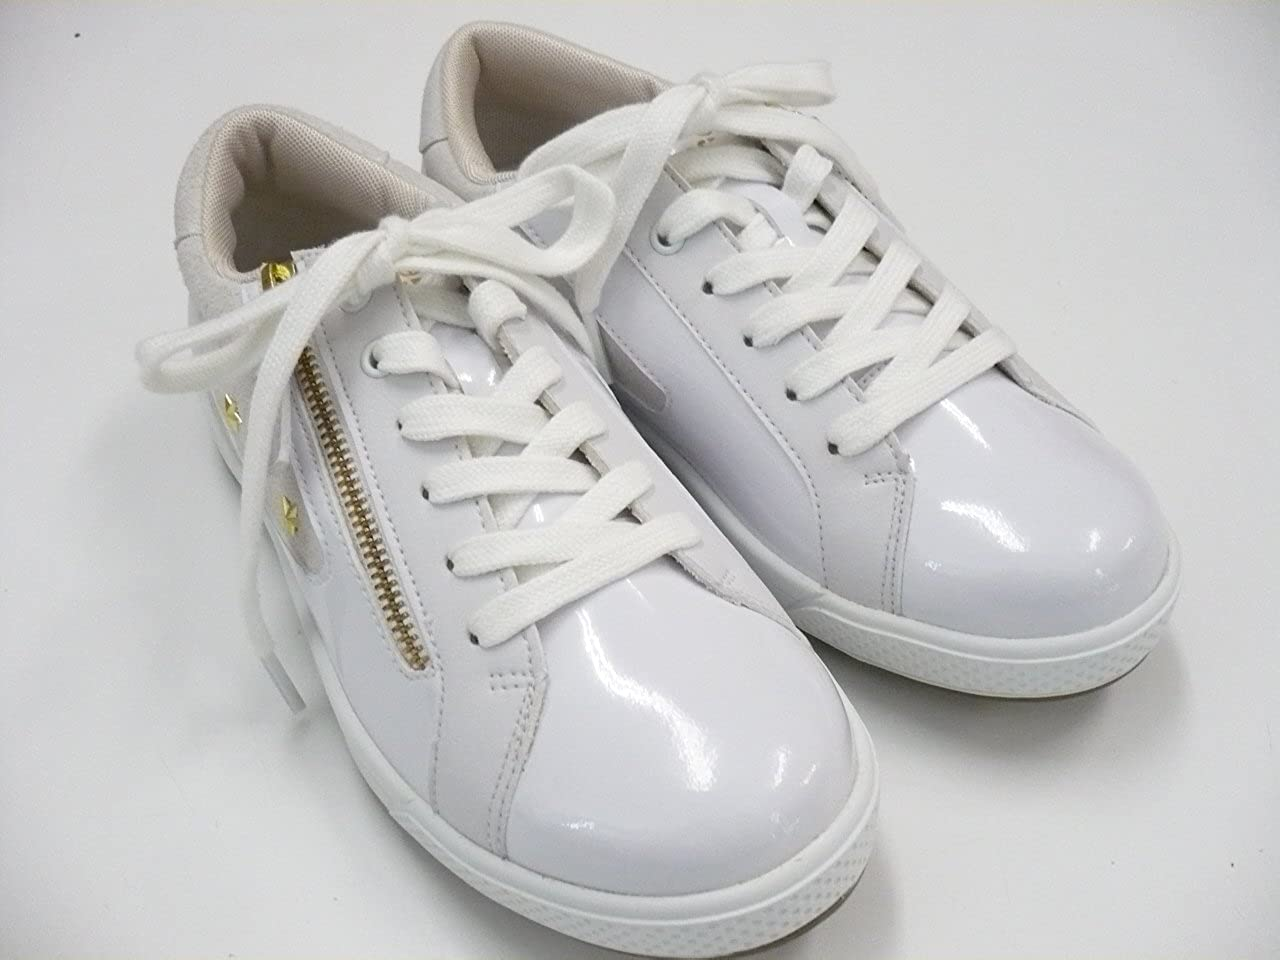 【レディース】MU SPORTS 703U6602 ゴルフシューズ ホワイト 24.5 cm  B01KUYFSKW